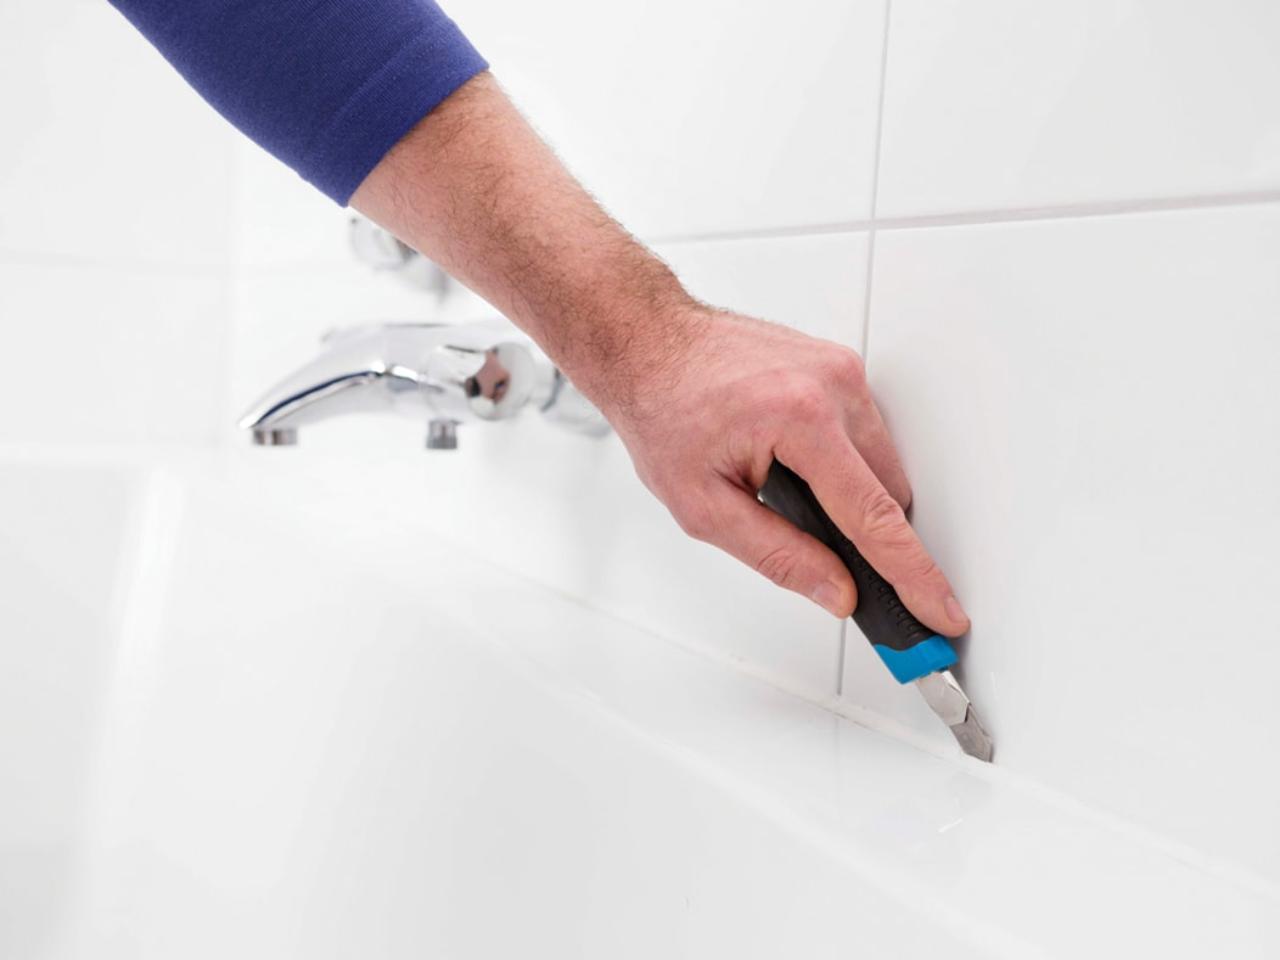 Kit Verwijderen Badkamer : Wat tips voor het kitten in badkamer